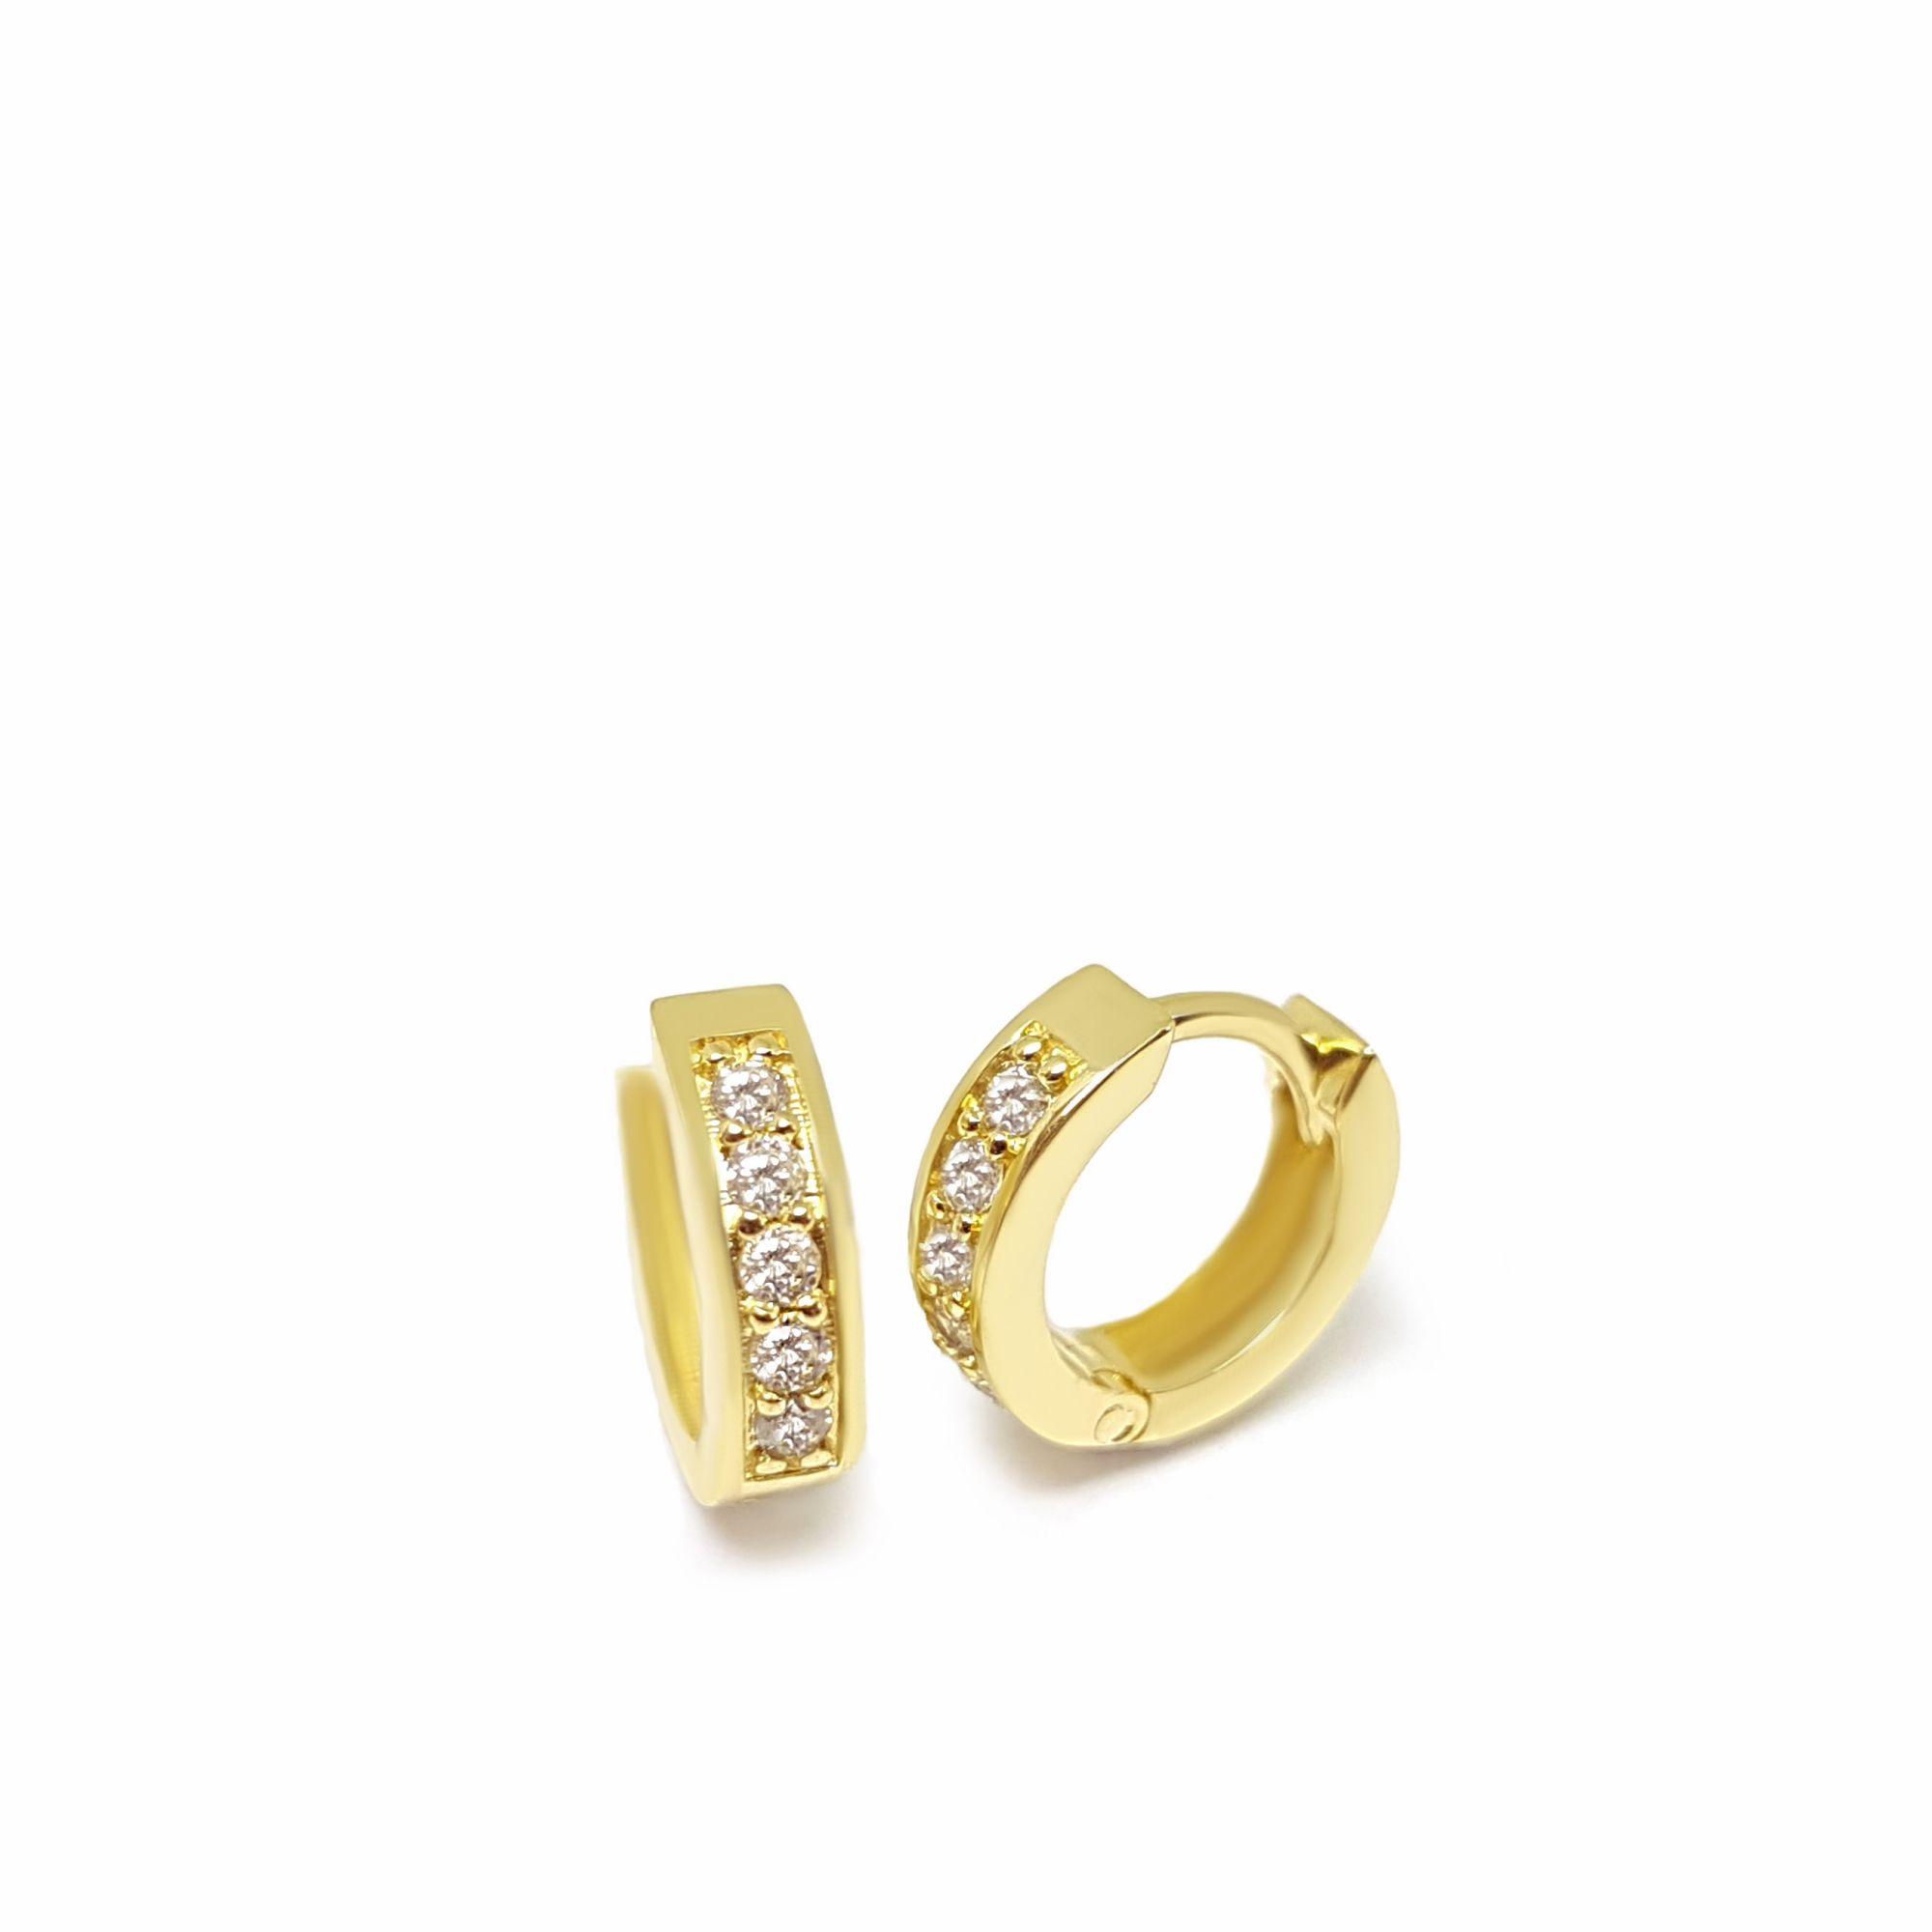 Brinco Argola Ouro 18k com 10 Diamantes